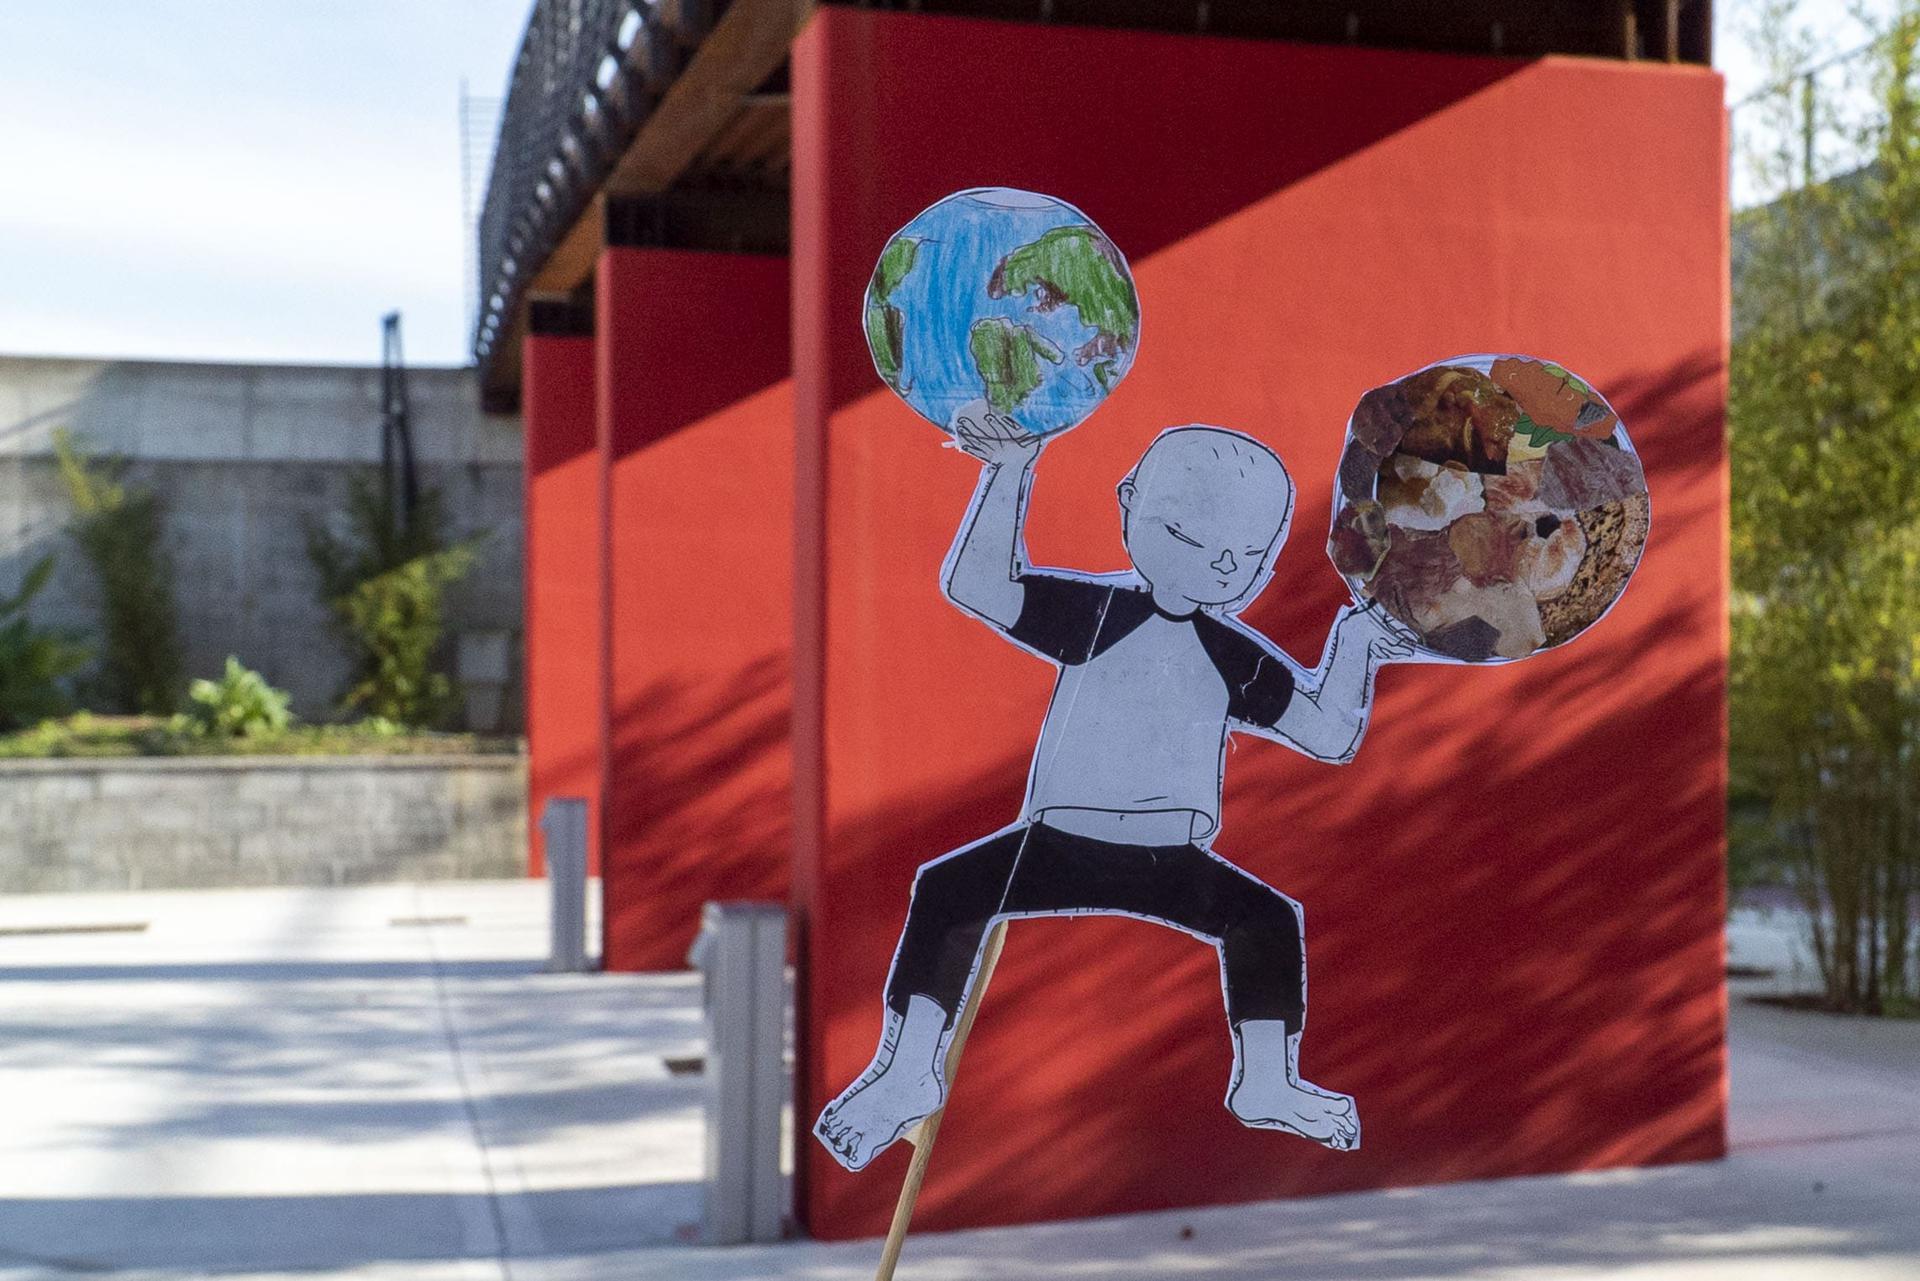 """Genova, nasce un museo diffuso di arte urbana: è """"Immaginare Genova"""", per pensare al futuro della città"""